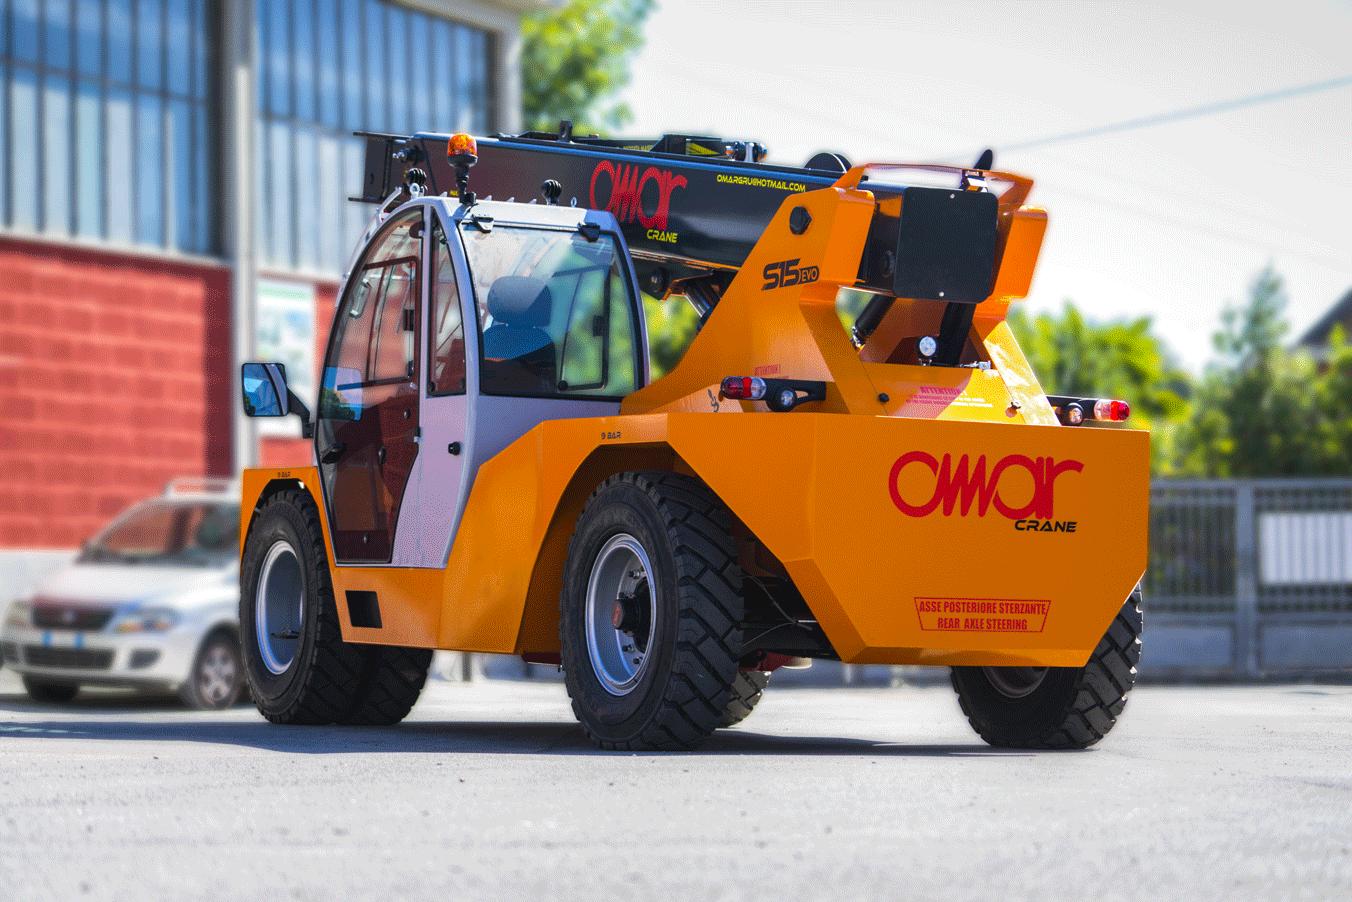 OMAR-CRANE-S15evo-ELECAR-BY-OMAR-2